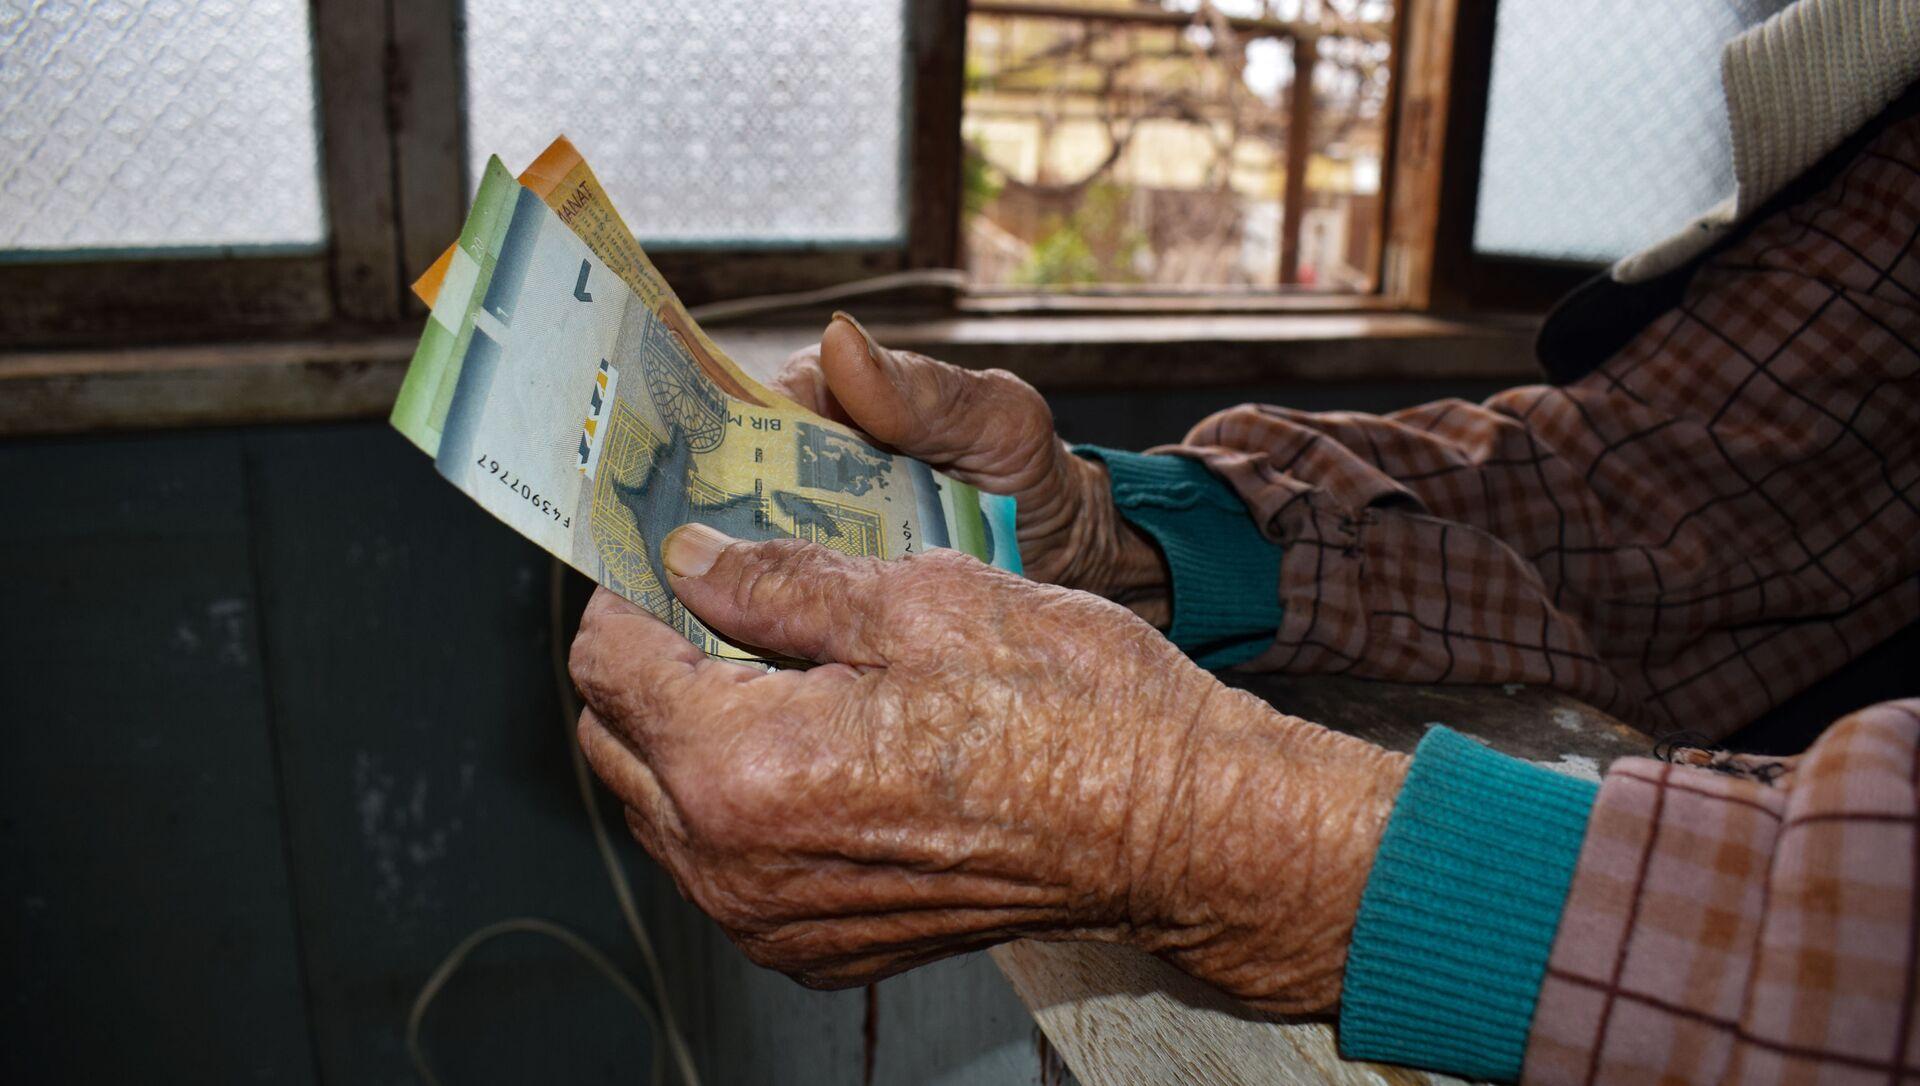 Пожилая женщина, фото из архива - Sputnik Азербайджан, 1920, 05.08.2021